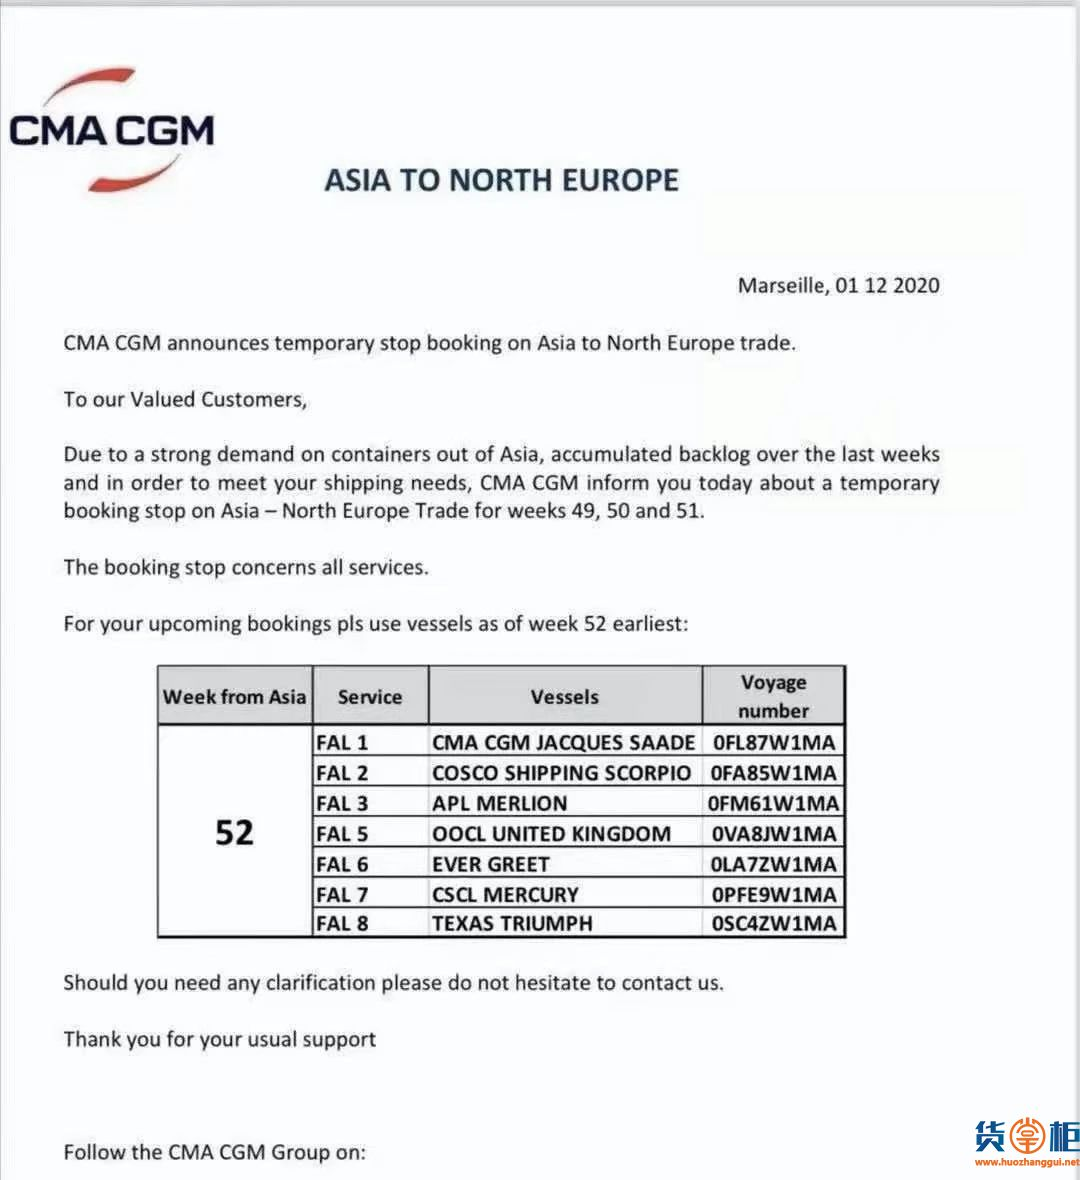 运费再度涨价!东南亚爆涨超390%!地中海超200%!达飞停接欧线三周 ...附通知